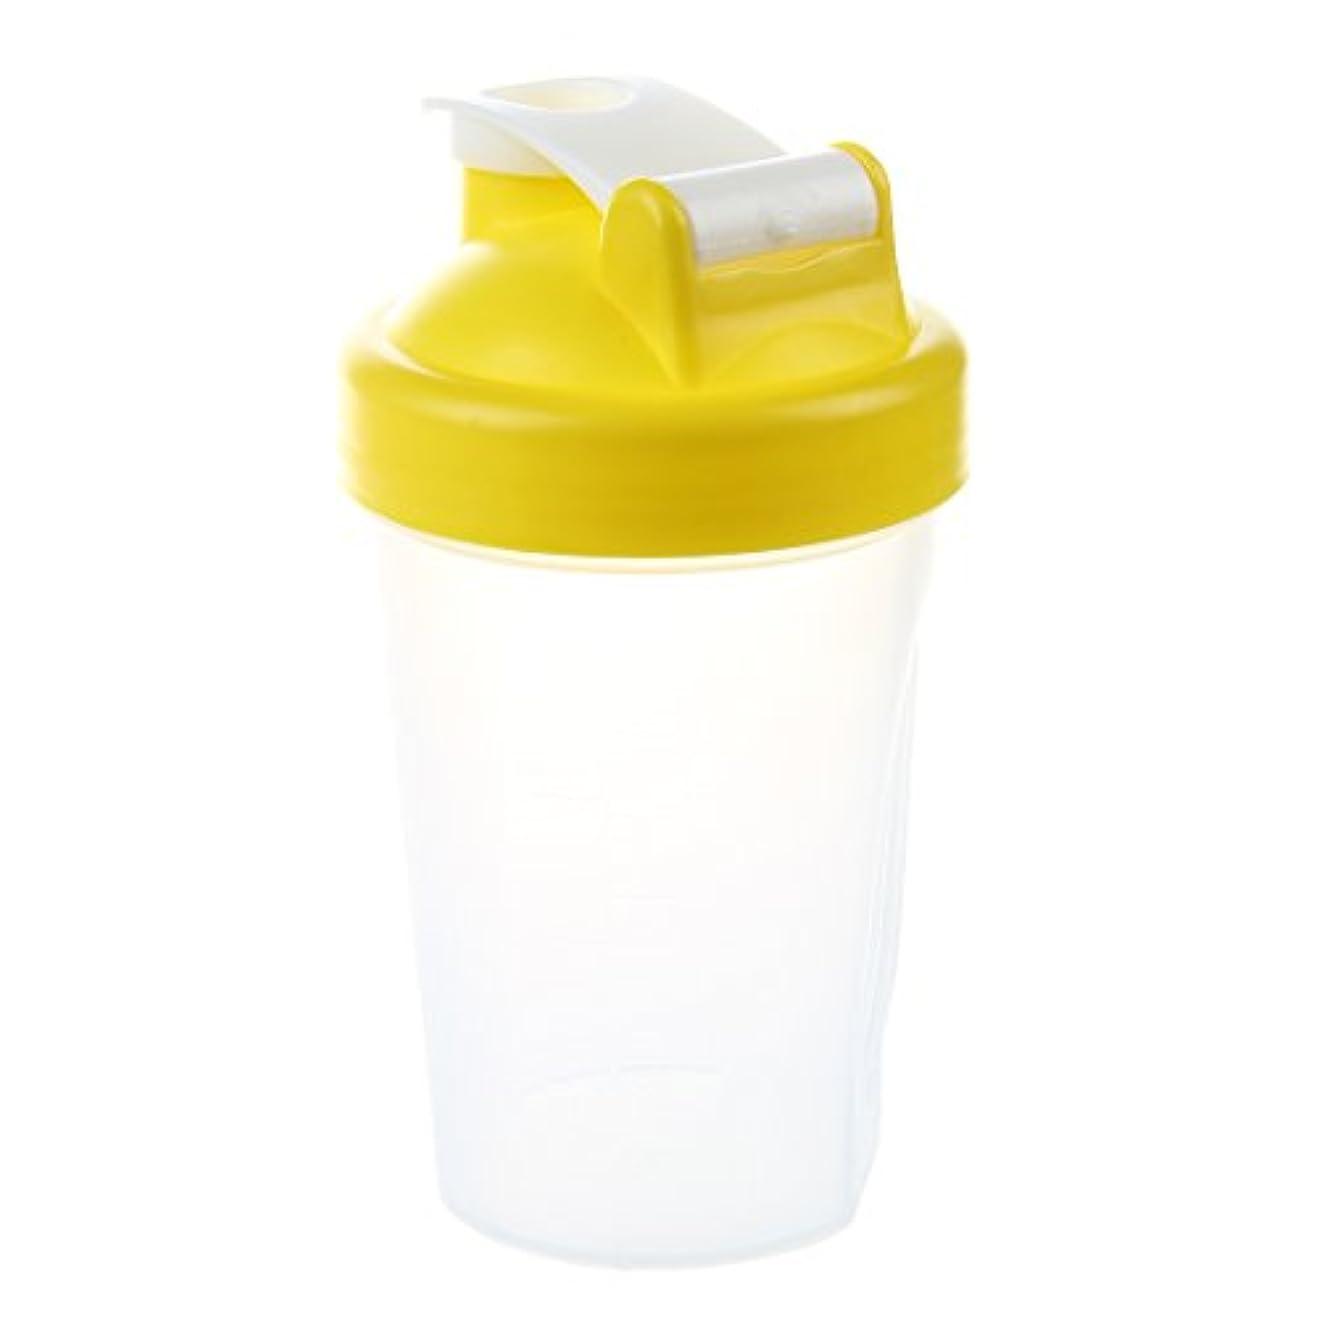 モート酸素薄いですSODIAL スマートシェイク ジムプロテインシェーカー ミキサーカップミキサーボトル ステンレスウィスキーボールが付きます イエローカラー